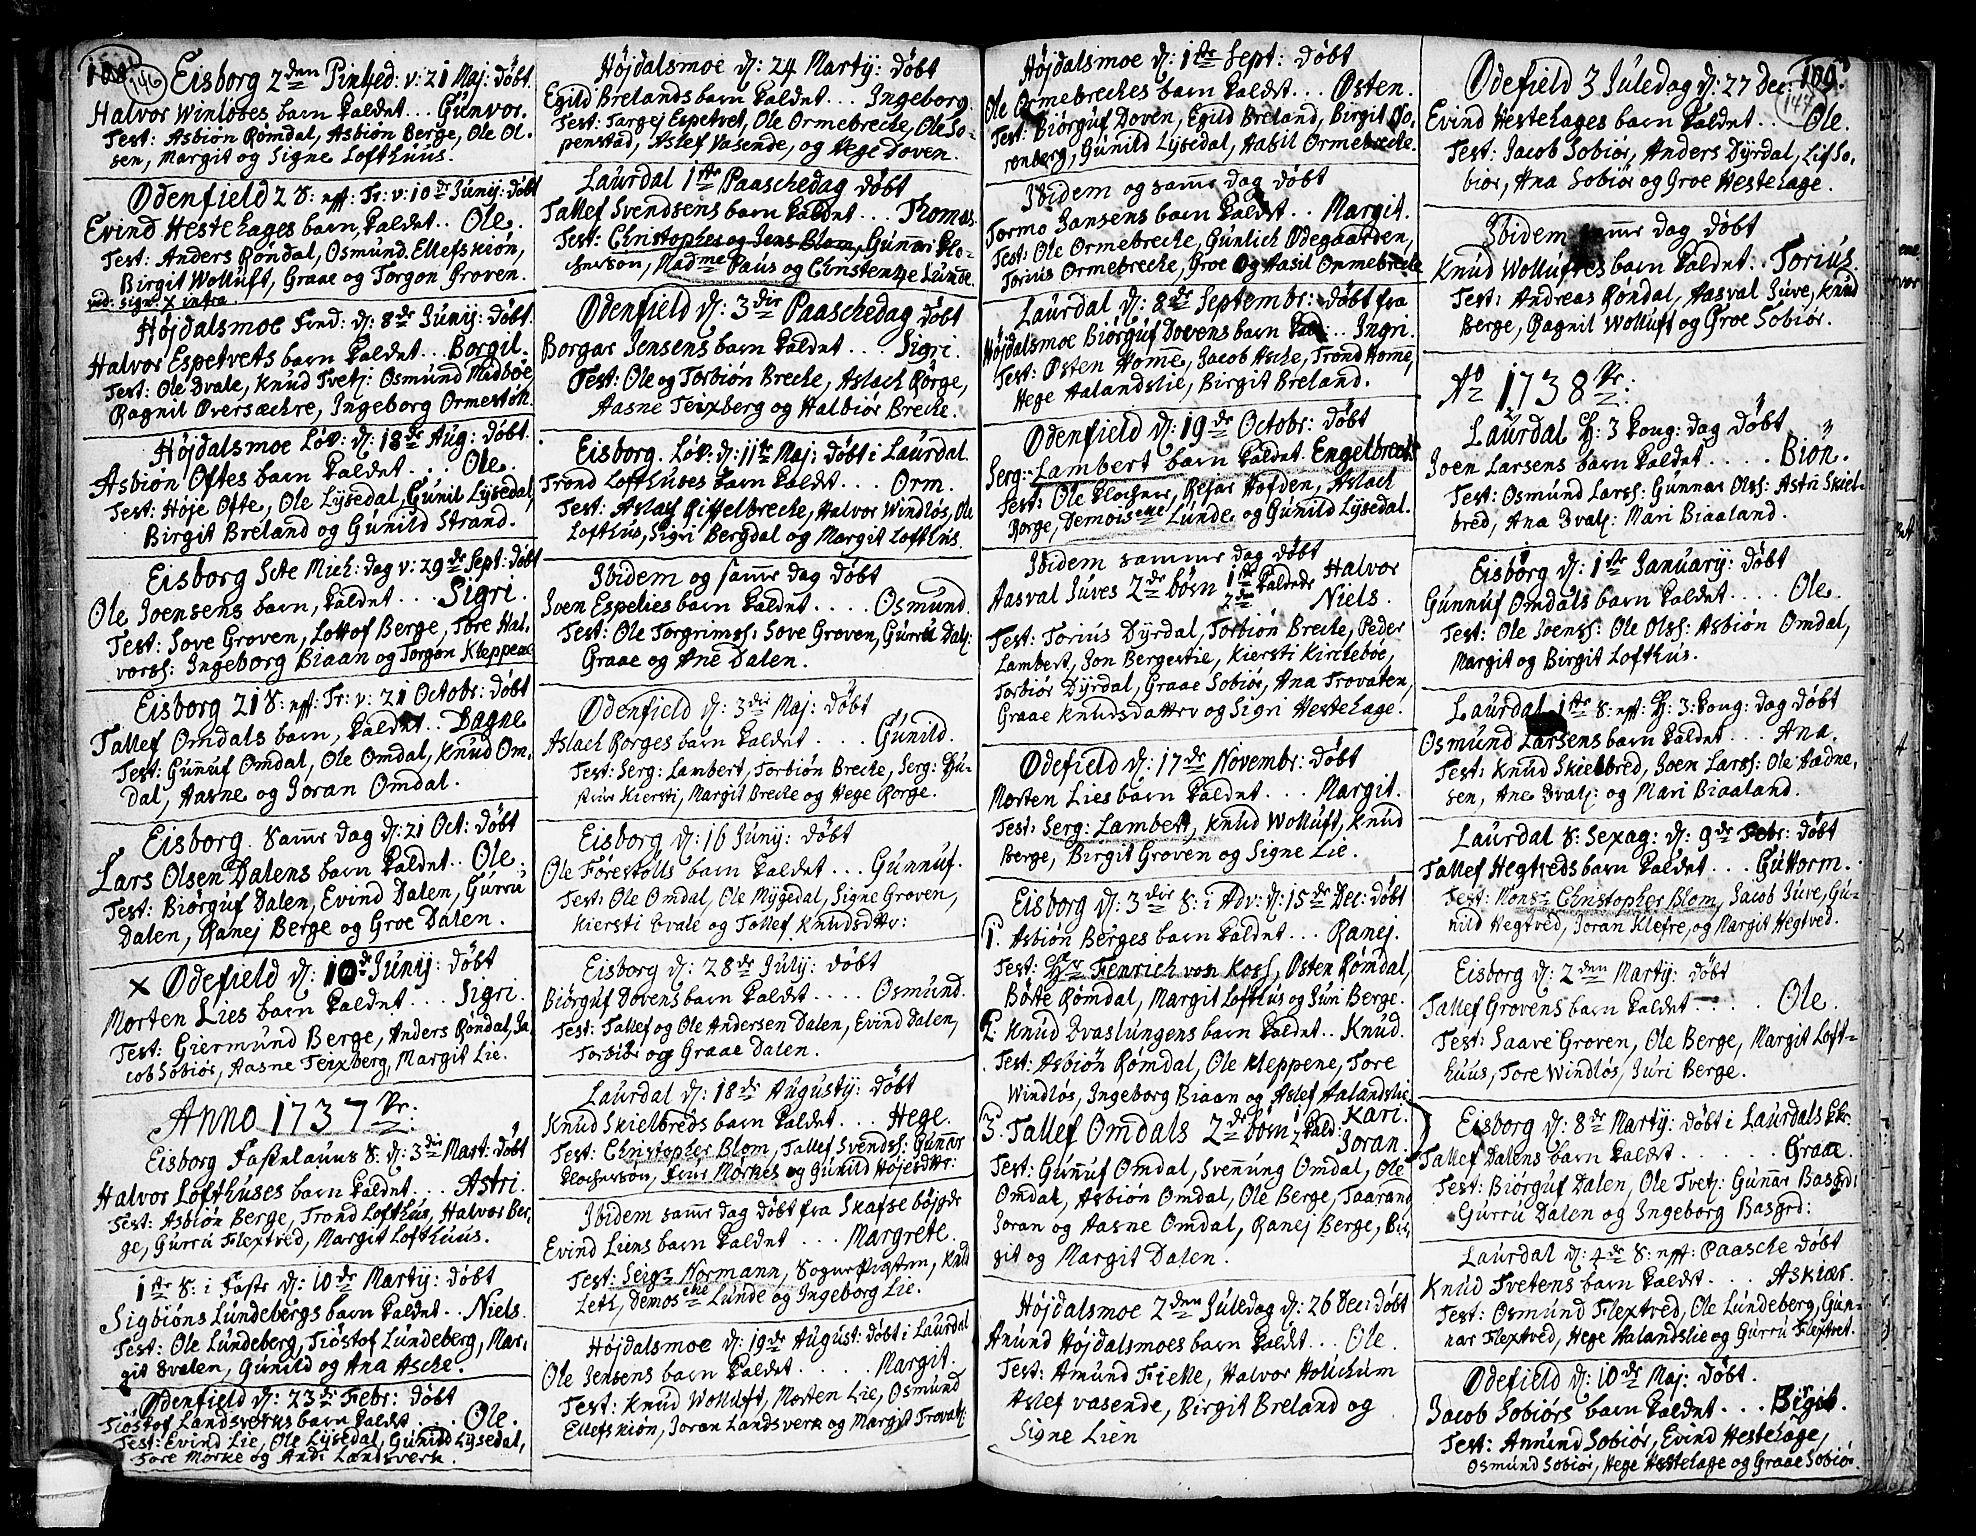 SAKO, Lårdal kirkebøker, F/Fa/L0002: Ministerialbok nr. I 2, 1734-1754, s. 146-147